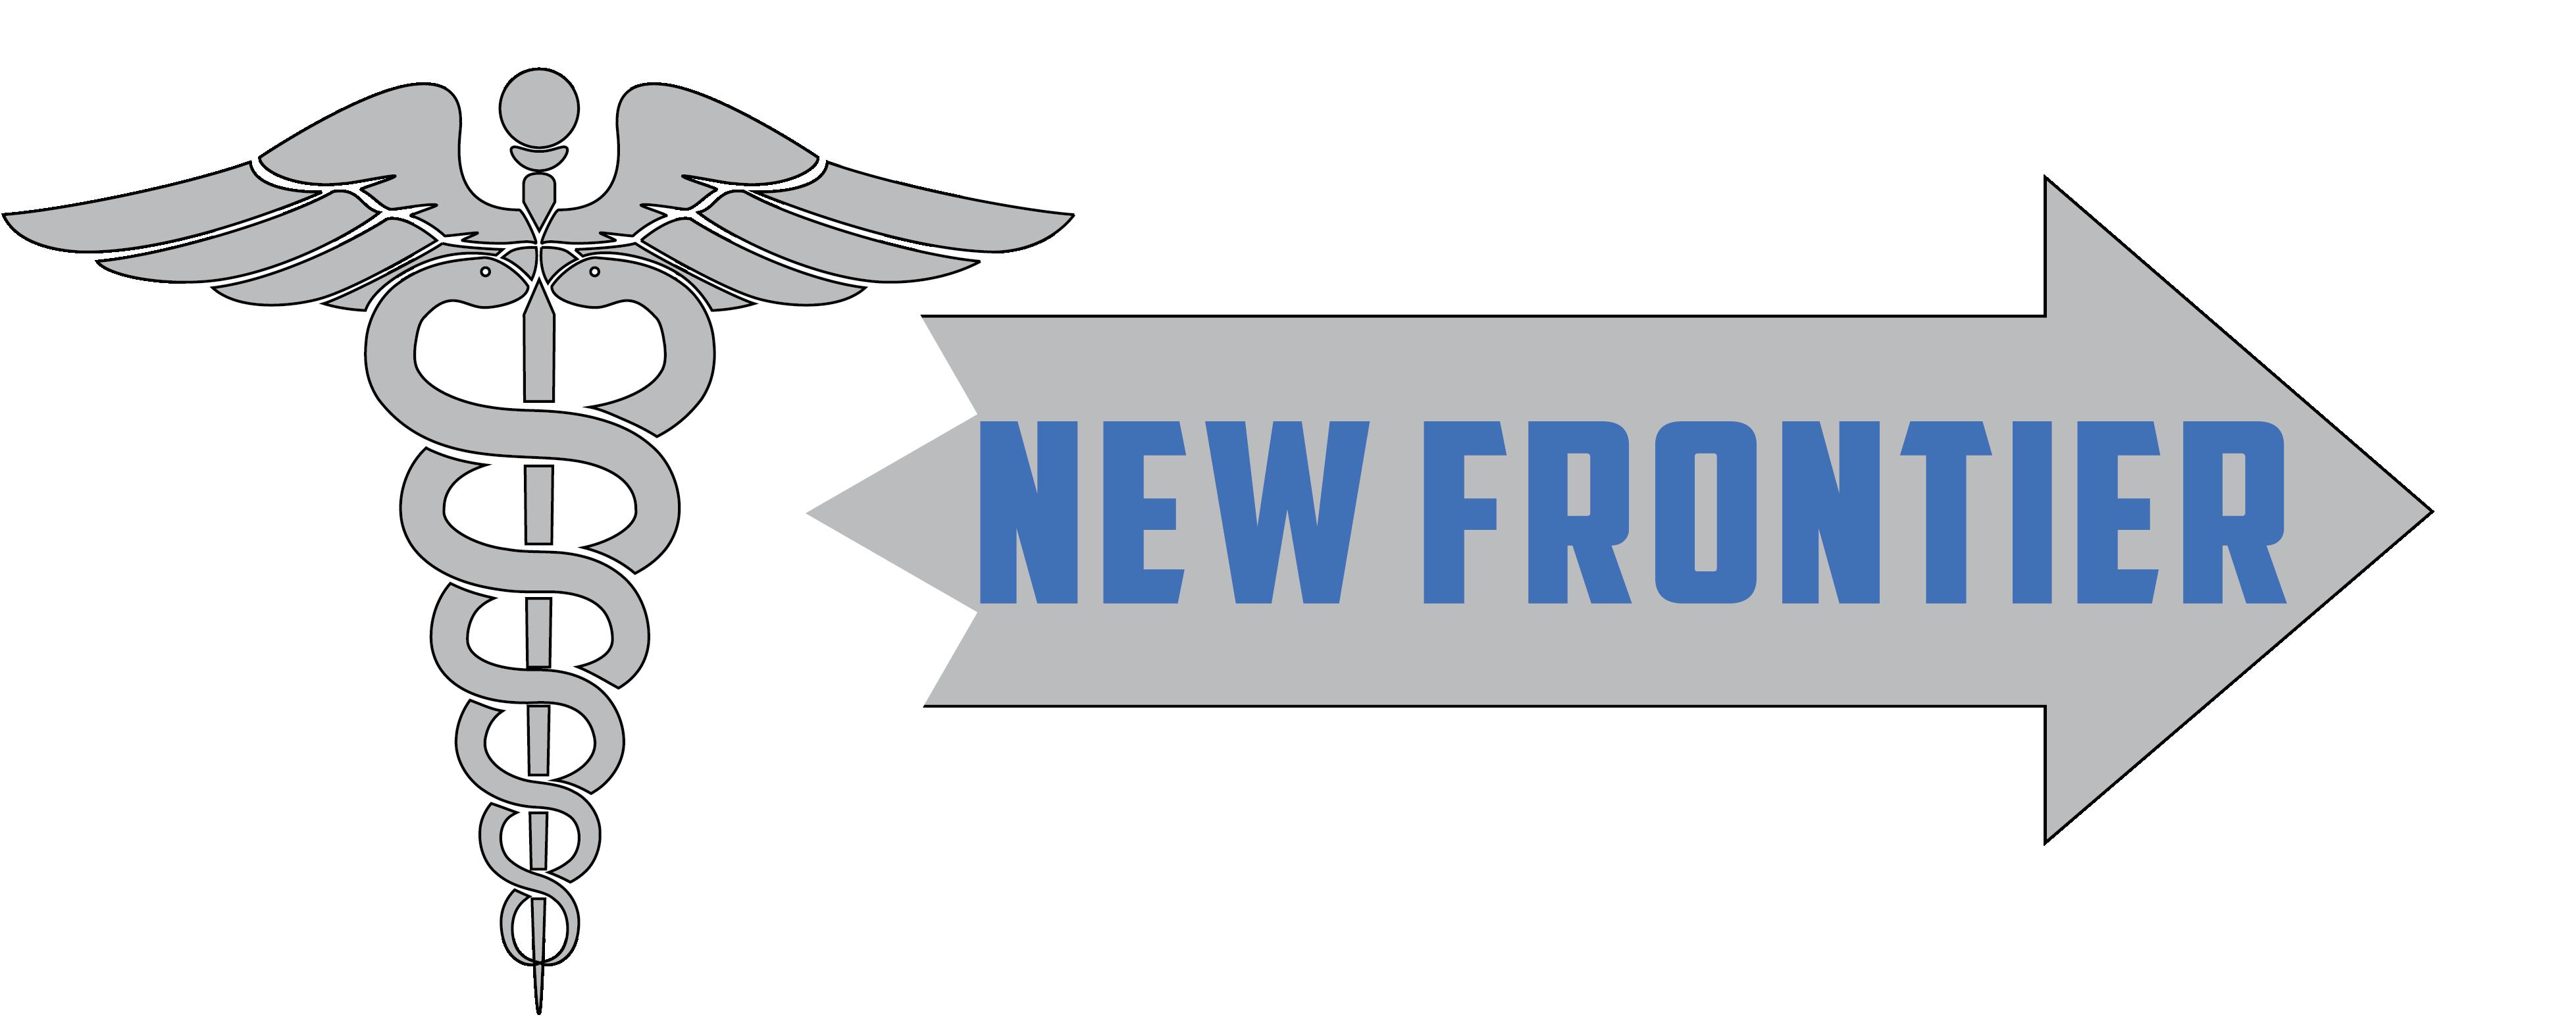 New Frontier Emergency Medicine